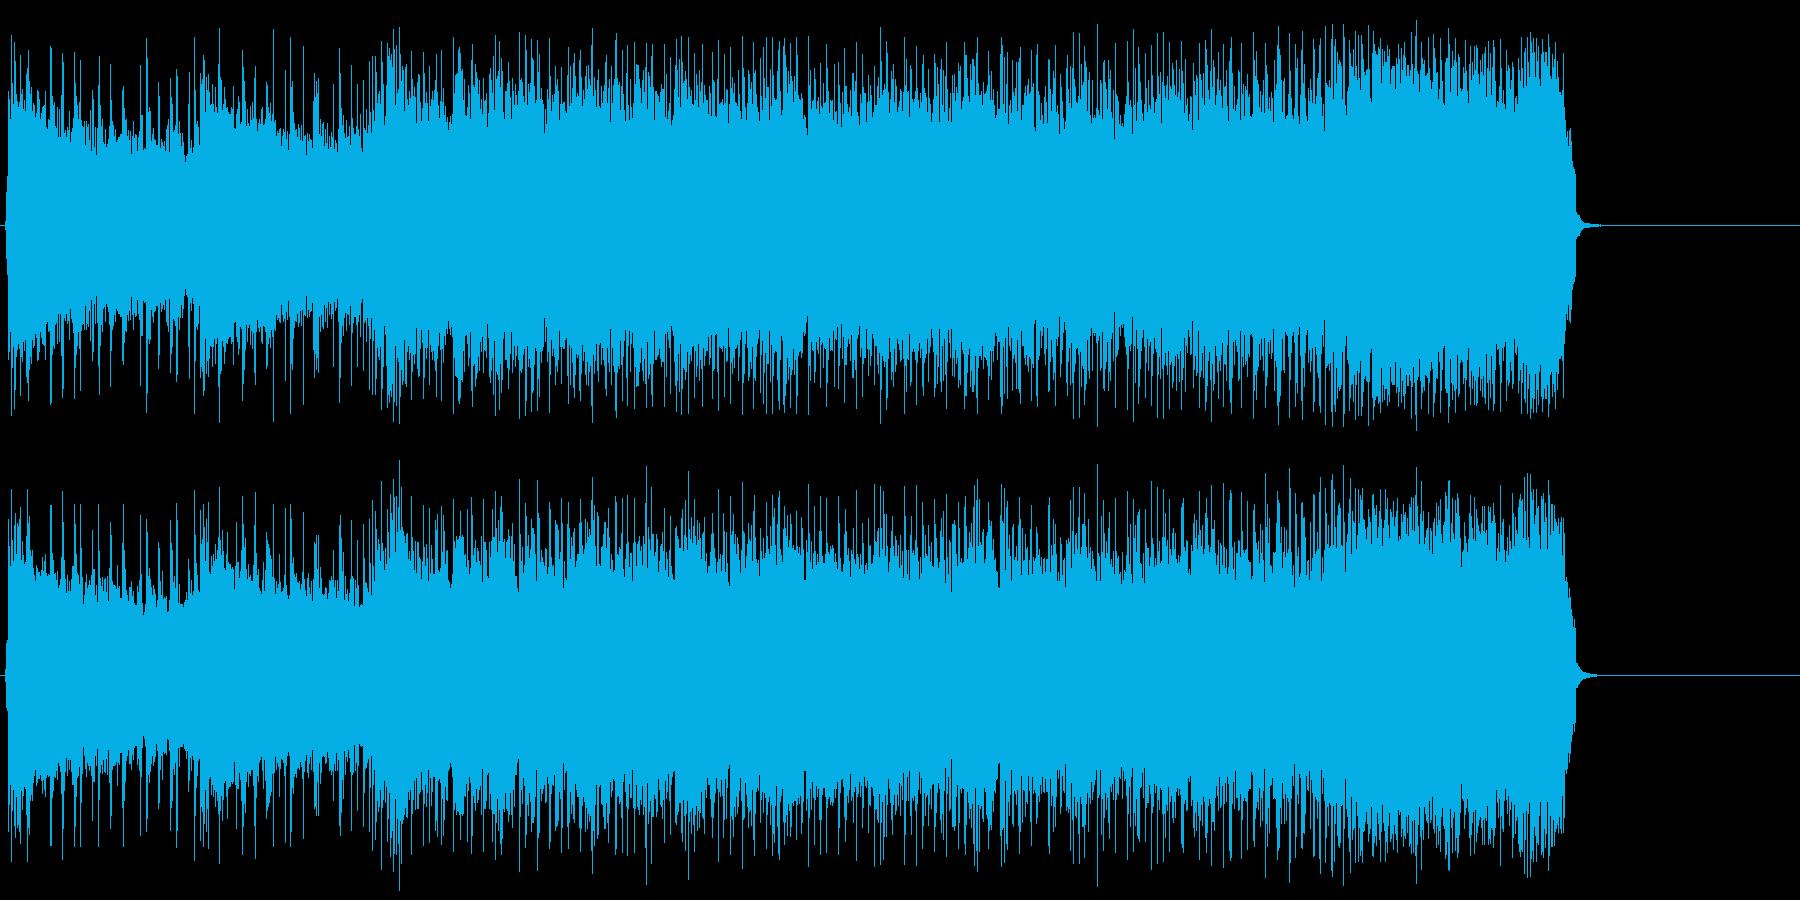 疾走感溢れる熱いロック/ハード/ポップの再生済みの波形